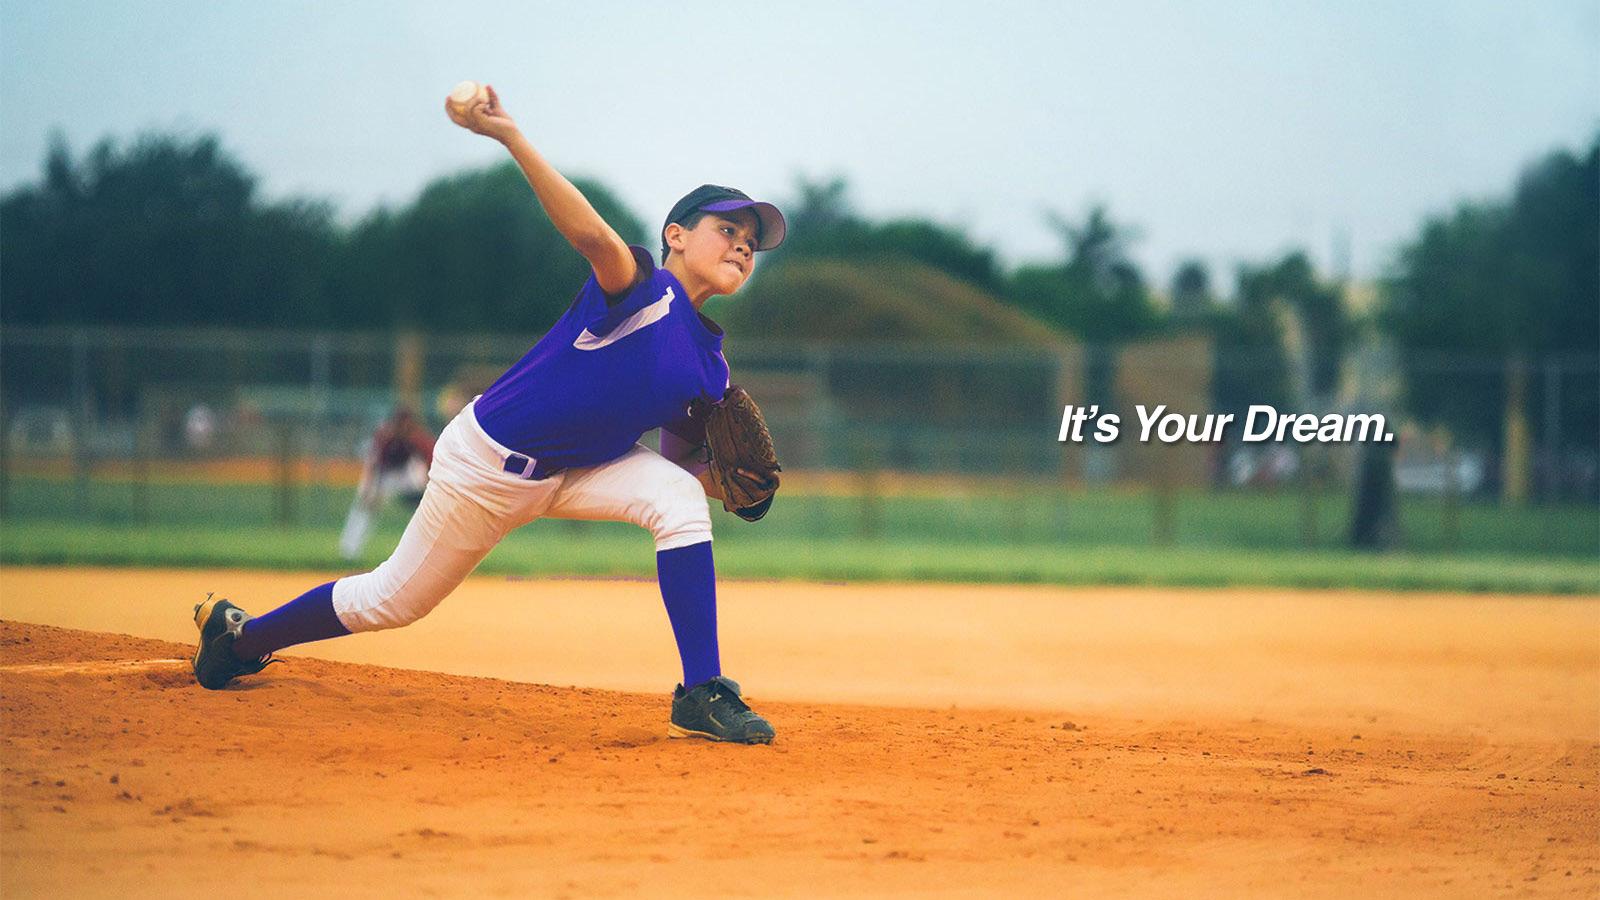 baseball2_wtext